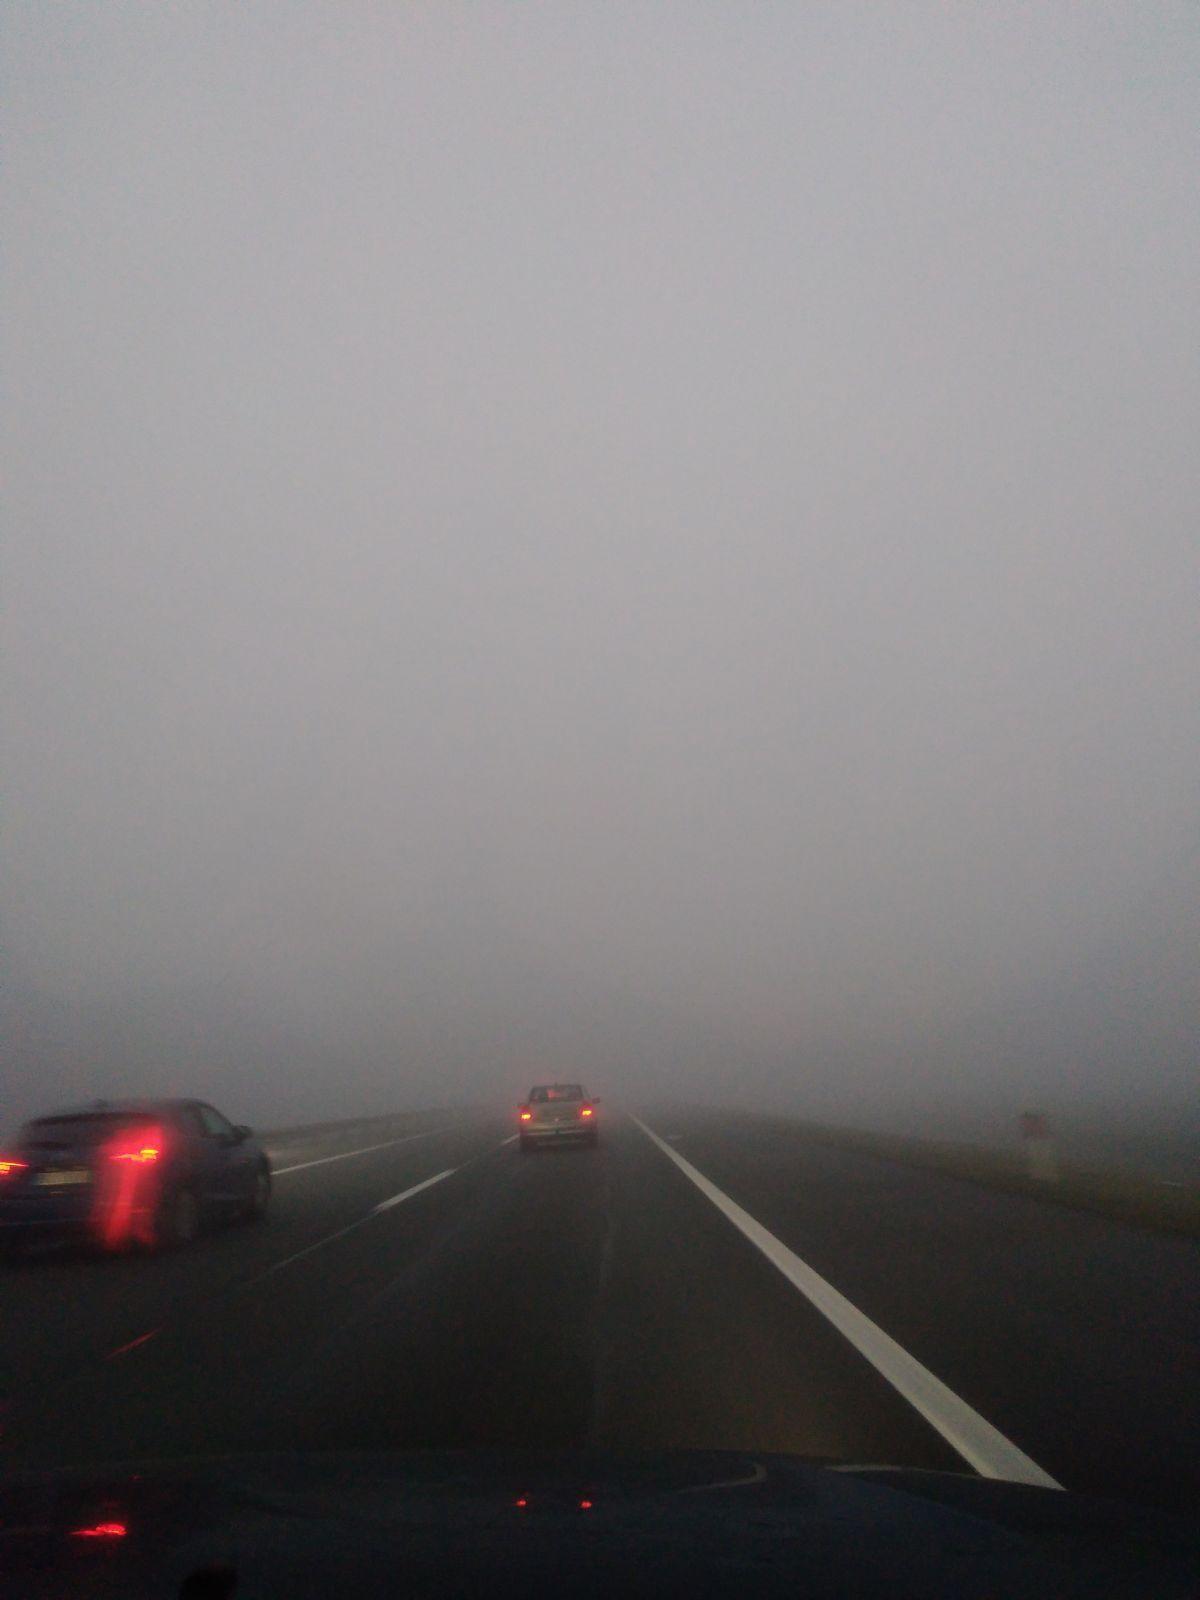 AMSS: Vidljivot ograničena zbog magle i sumaglice